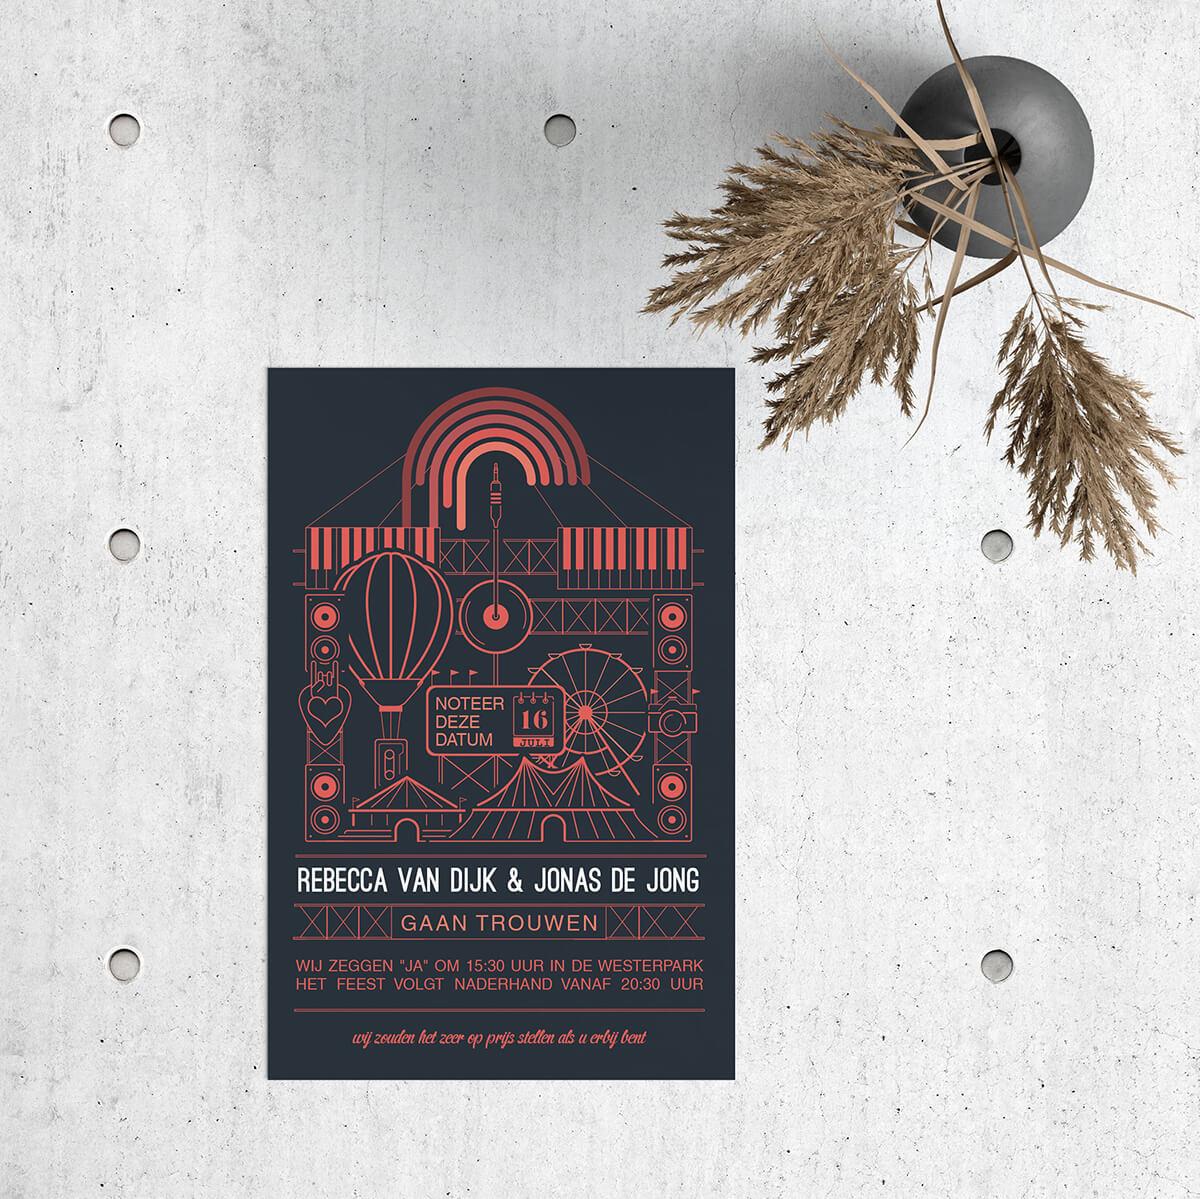 Trouwkaart Festival heeft een vrolijk thema, een feestelijke kermis-setting, en is ontworpen in een minimalistische stijl met een leuk kleurcontrast.